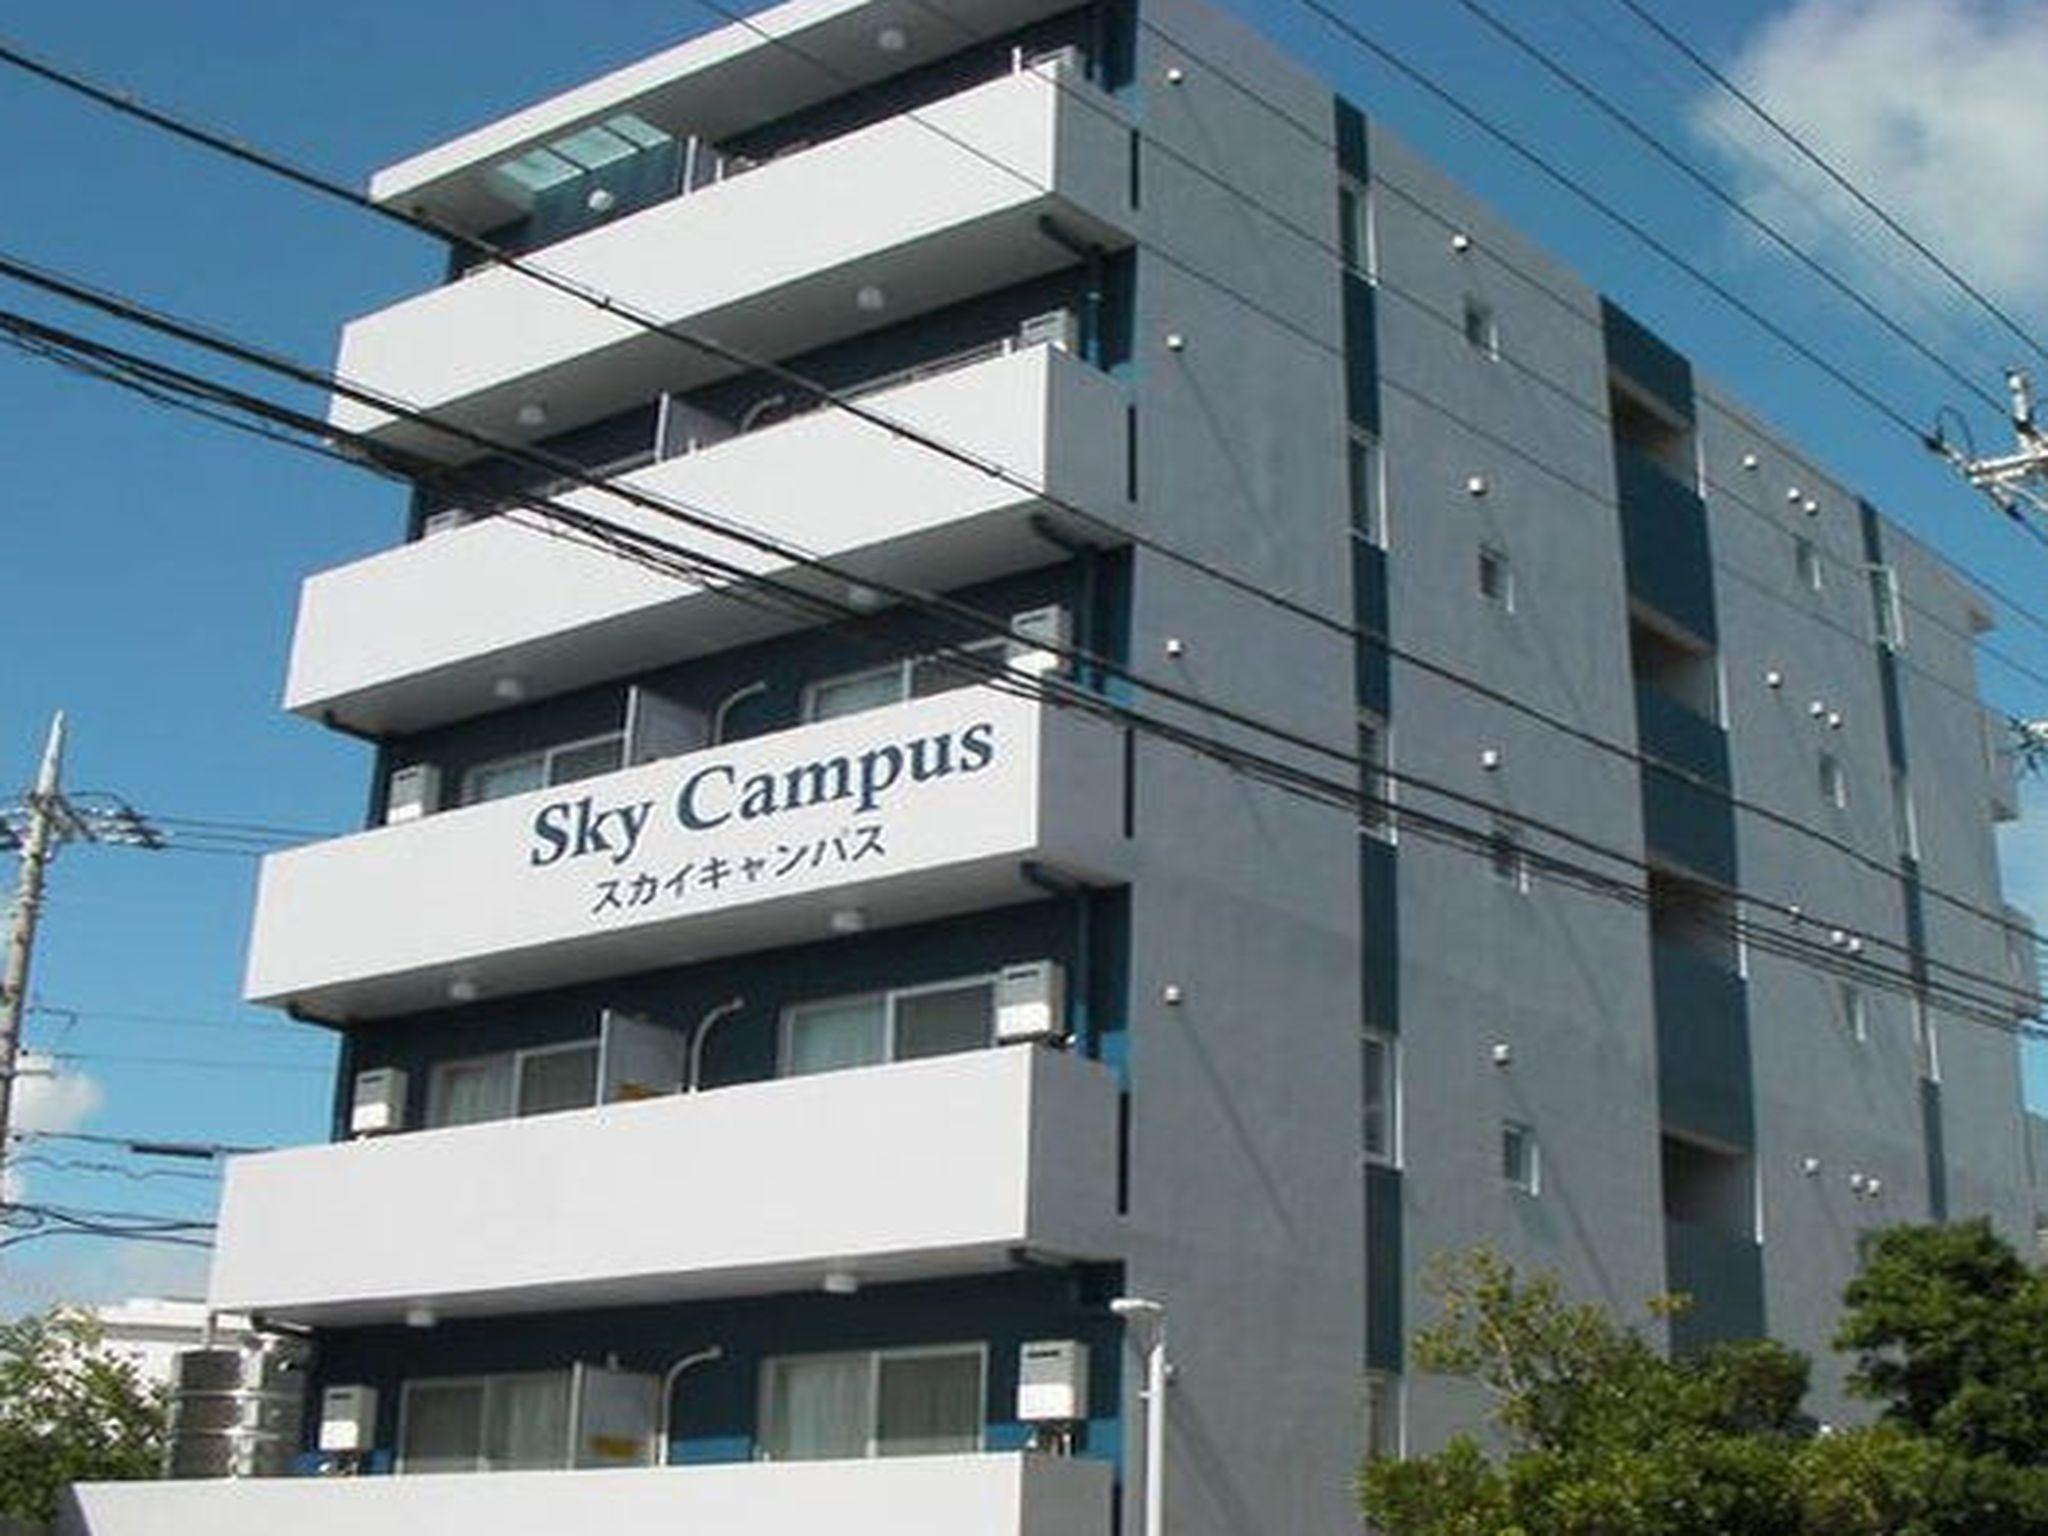 天空校園旅館 Sky Campus